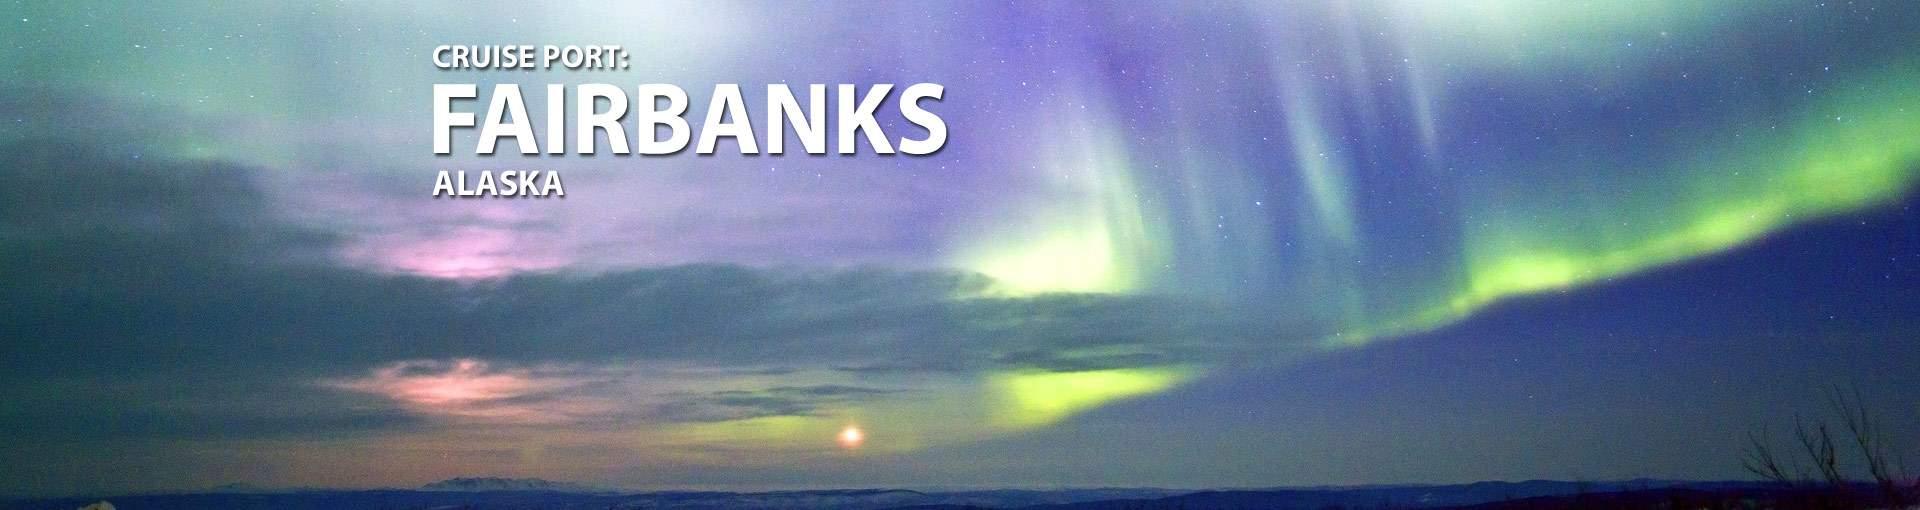 Fairbanks, Alaska Cruise Port Banner